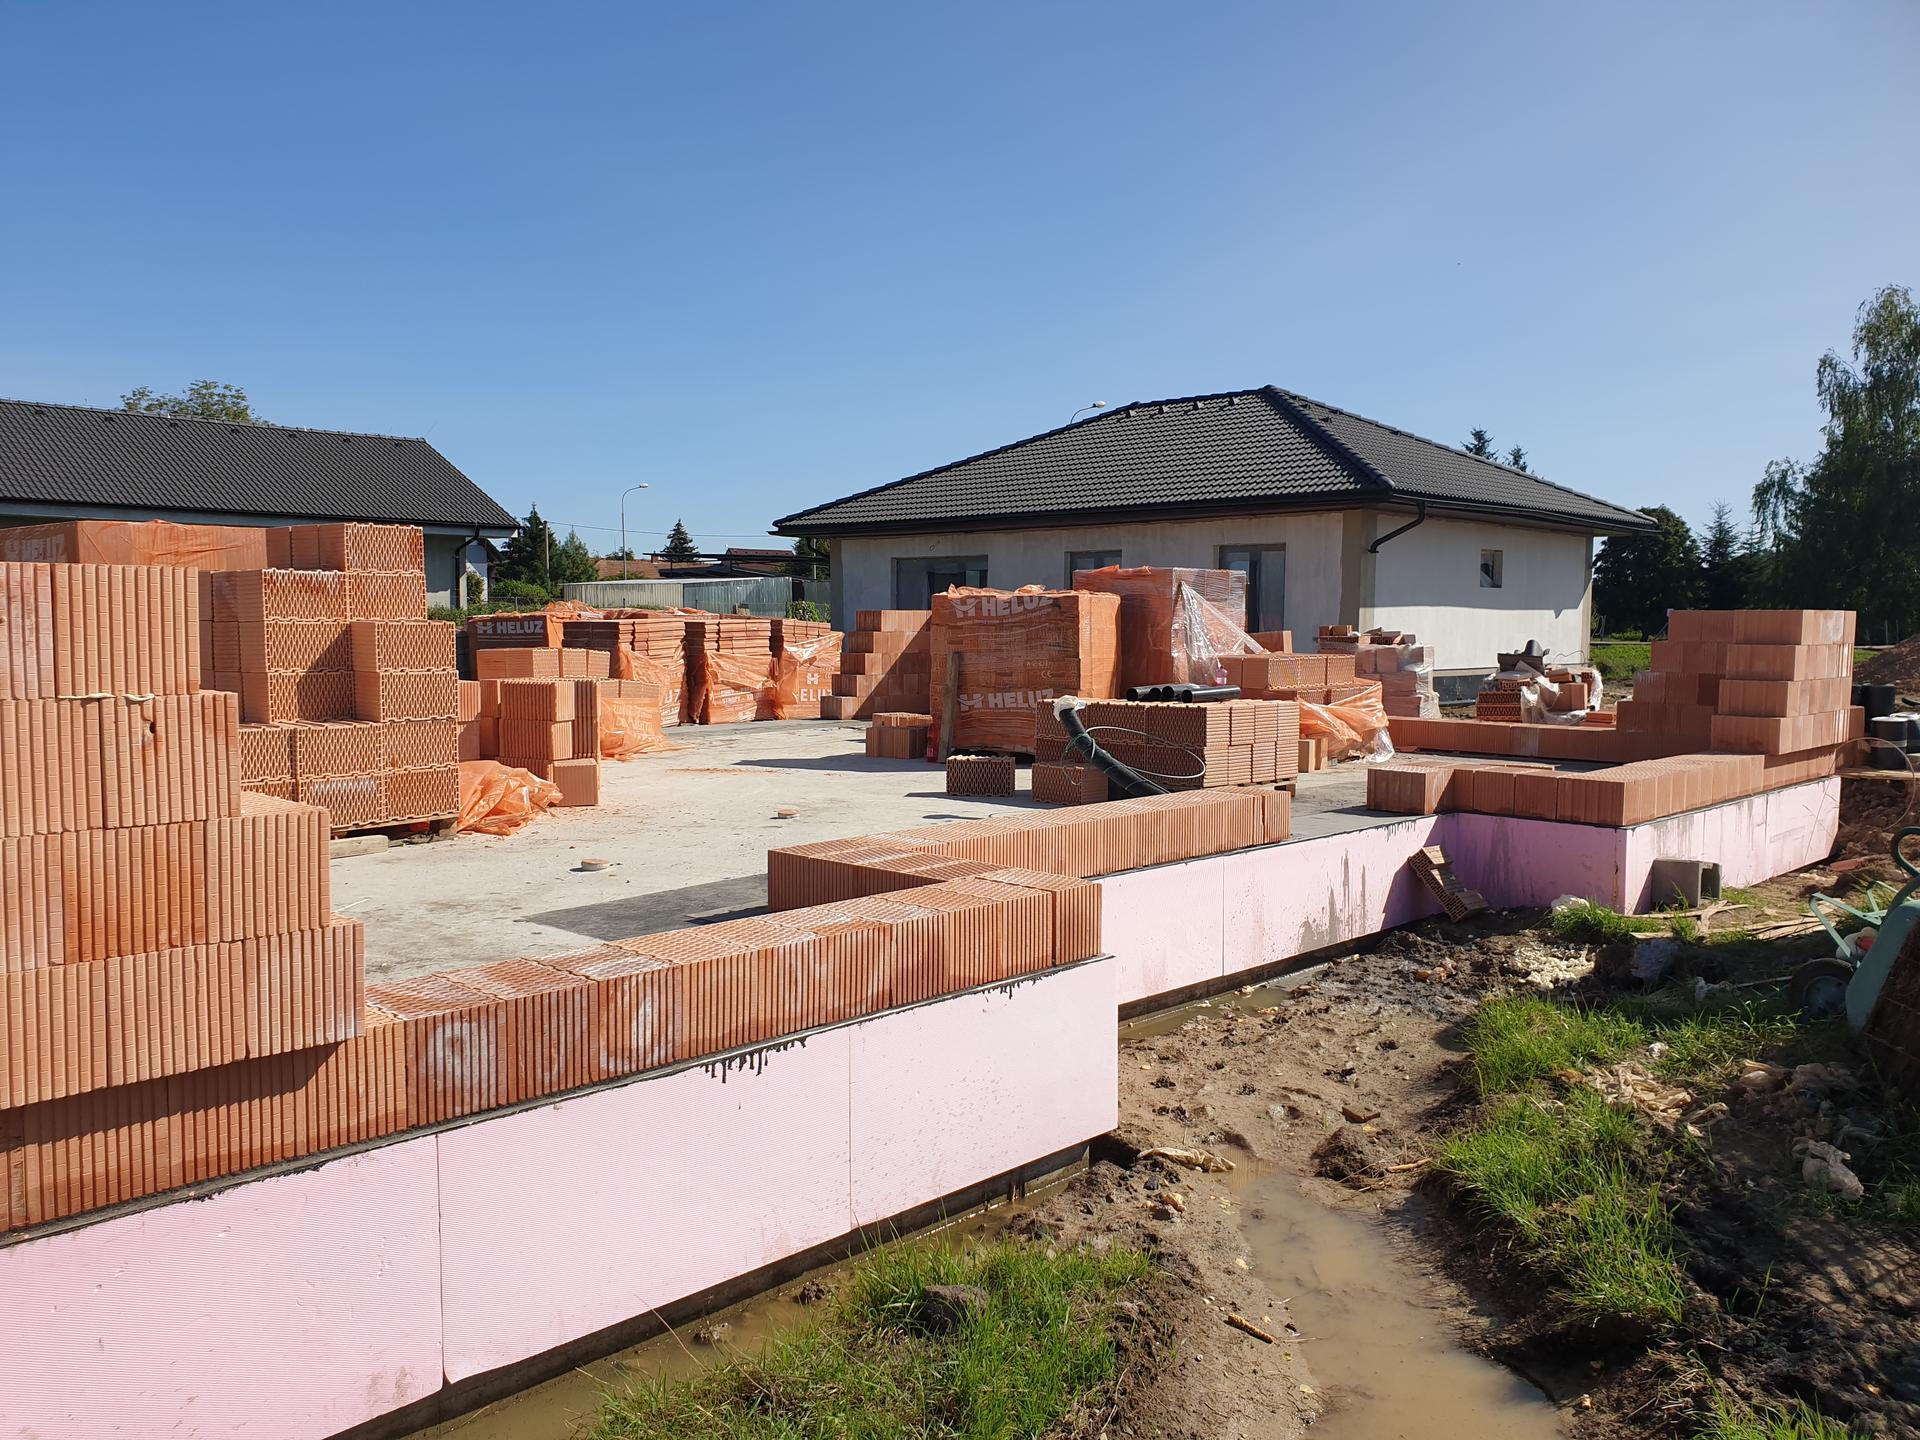 Stěhování na venkov - stavba - Obrázek č. 6